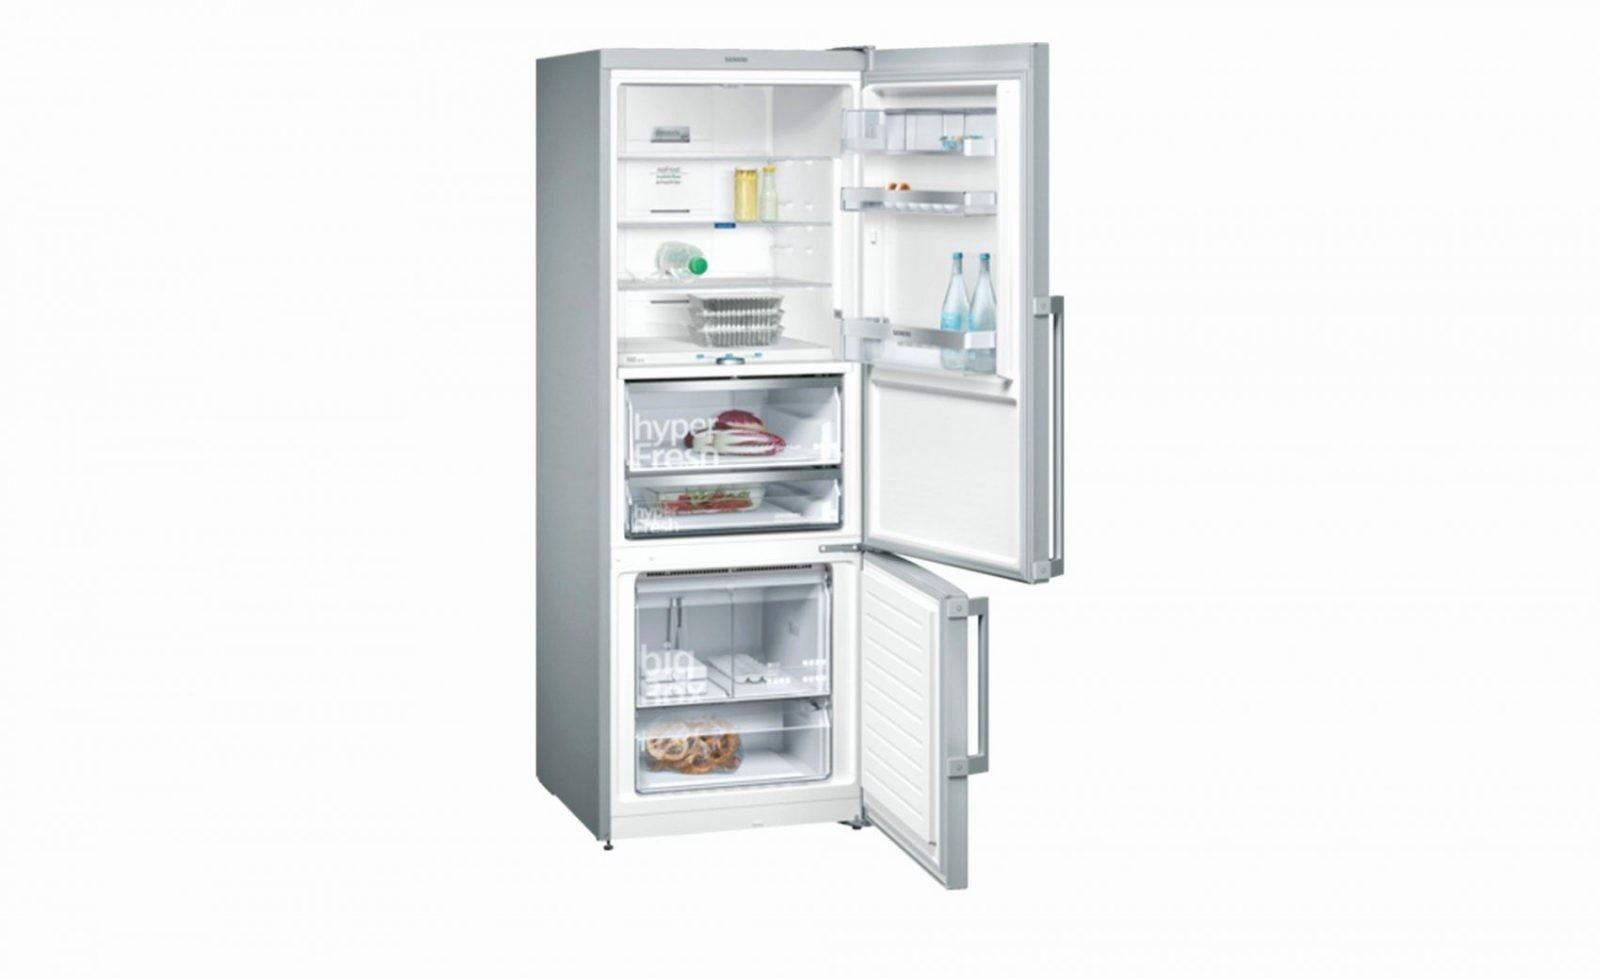 Gorenje Kühlschrank Hornbach : Sideside kühlschrank ohne gefrierfach khlschrank retro smeg von